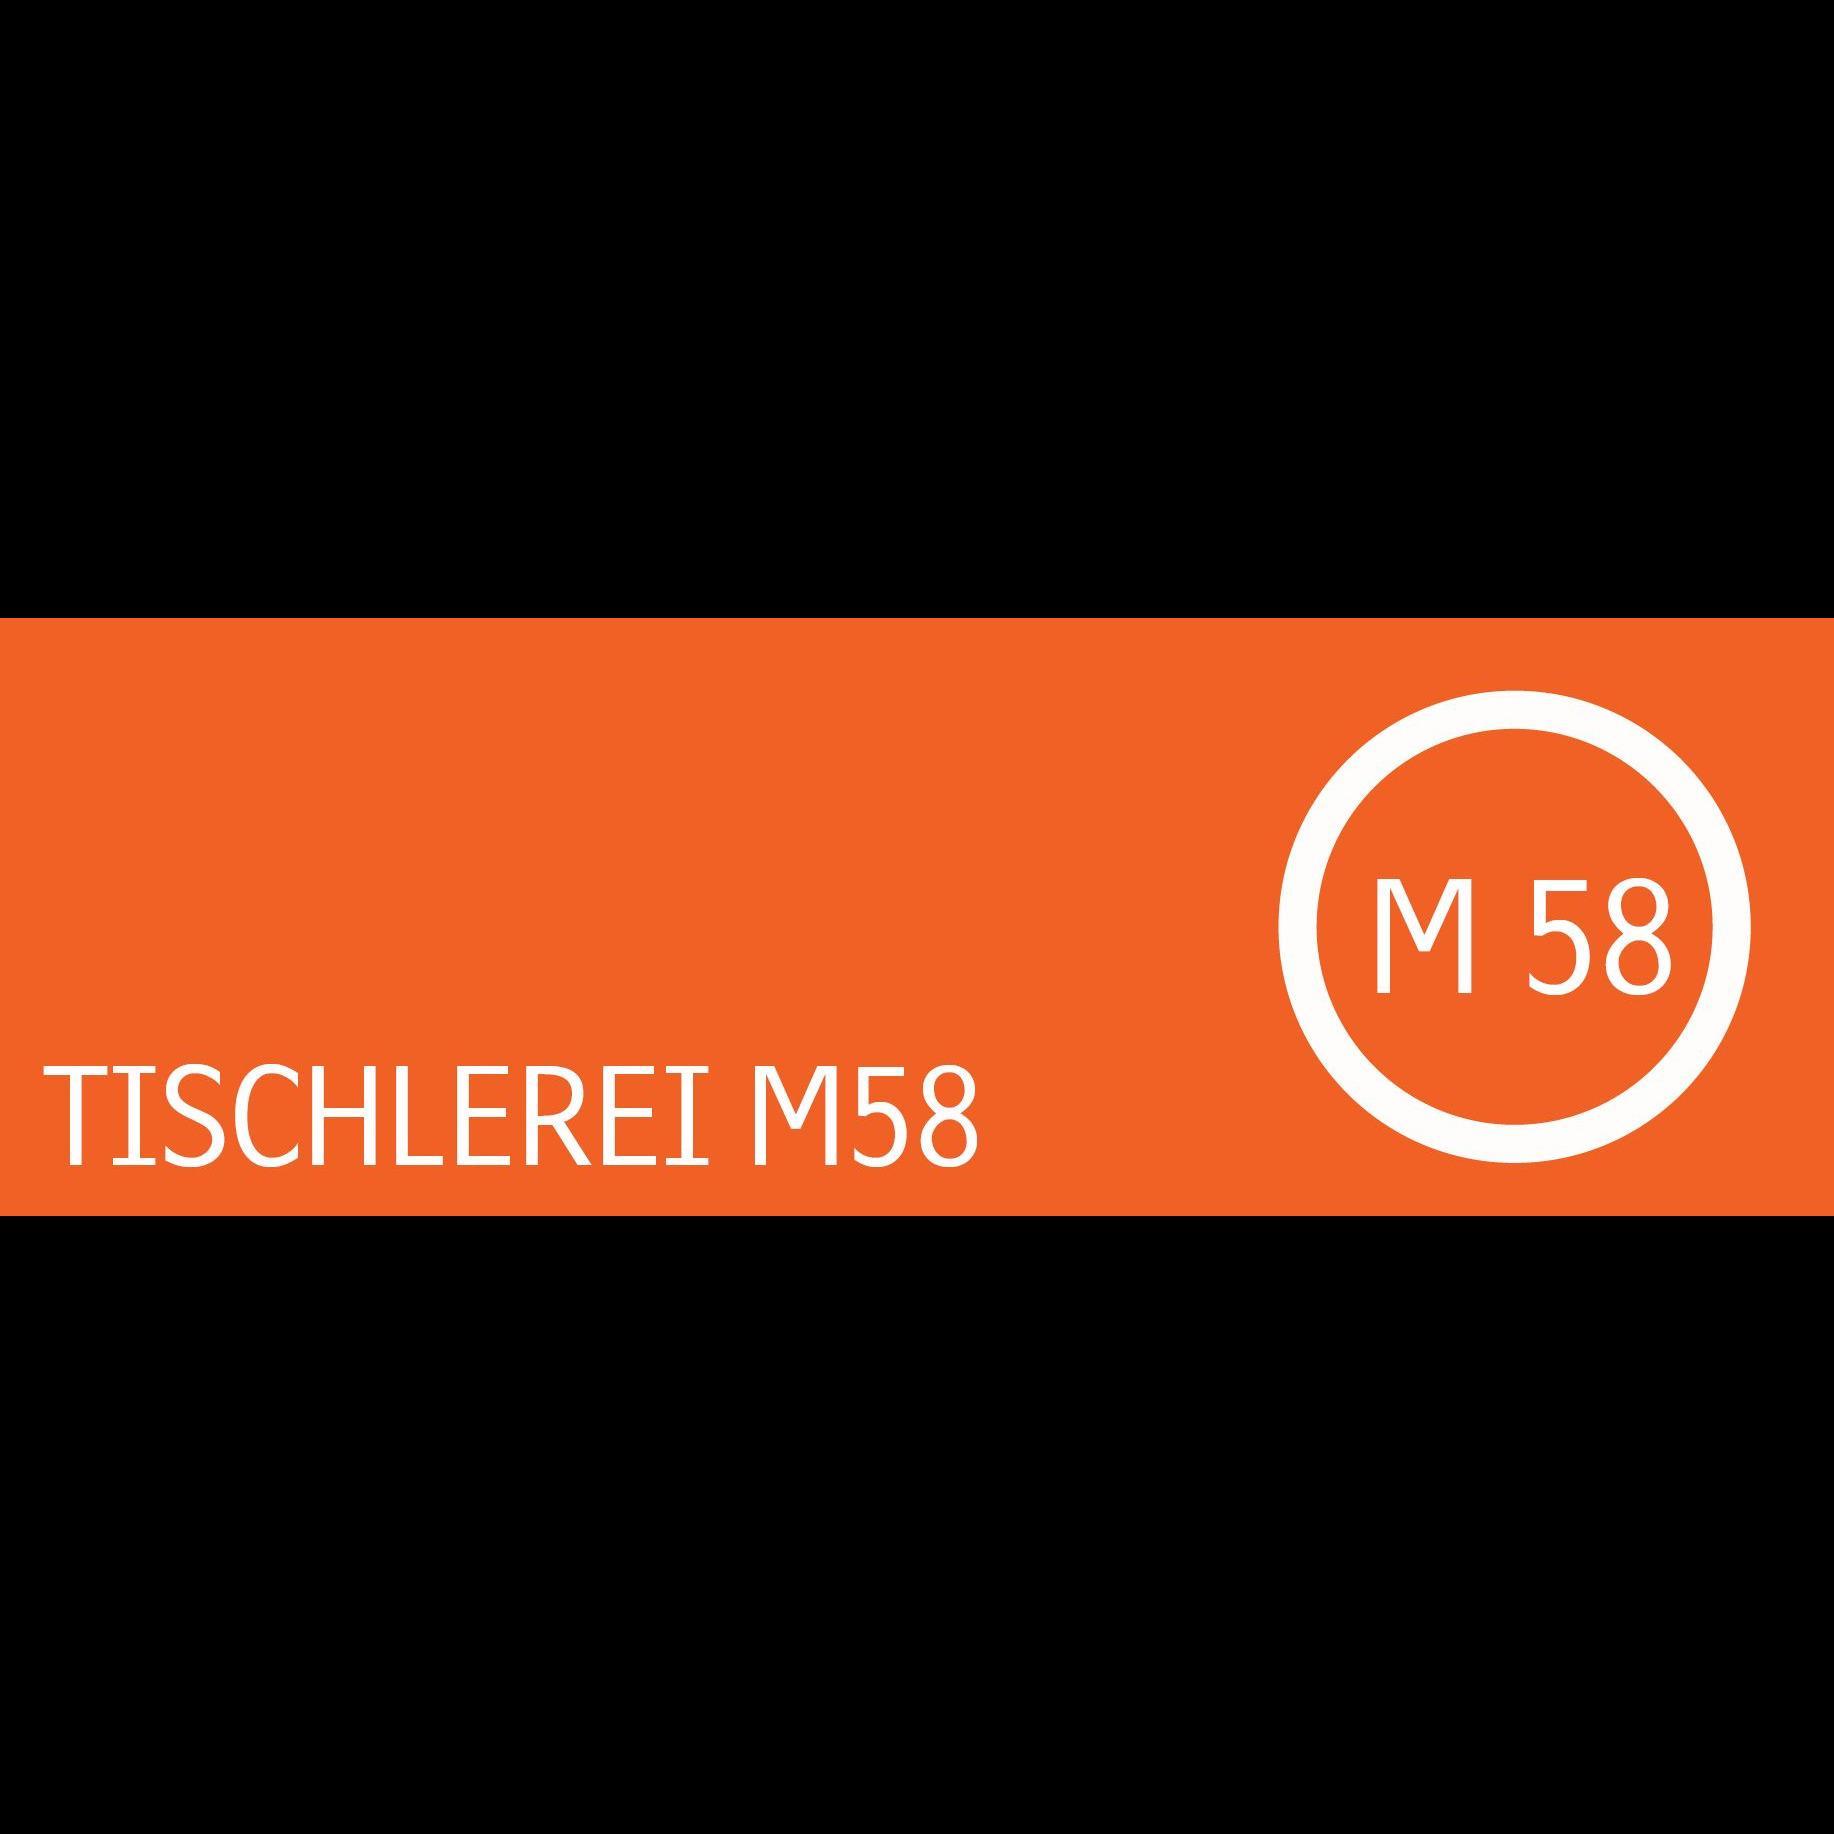 Tischlerei M58 GmbH